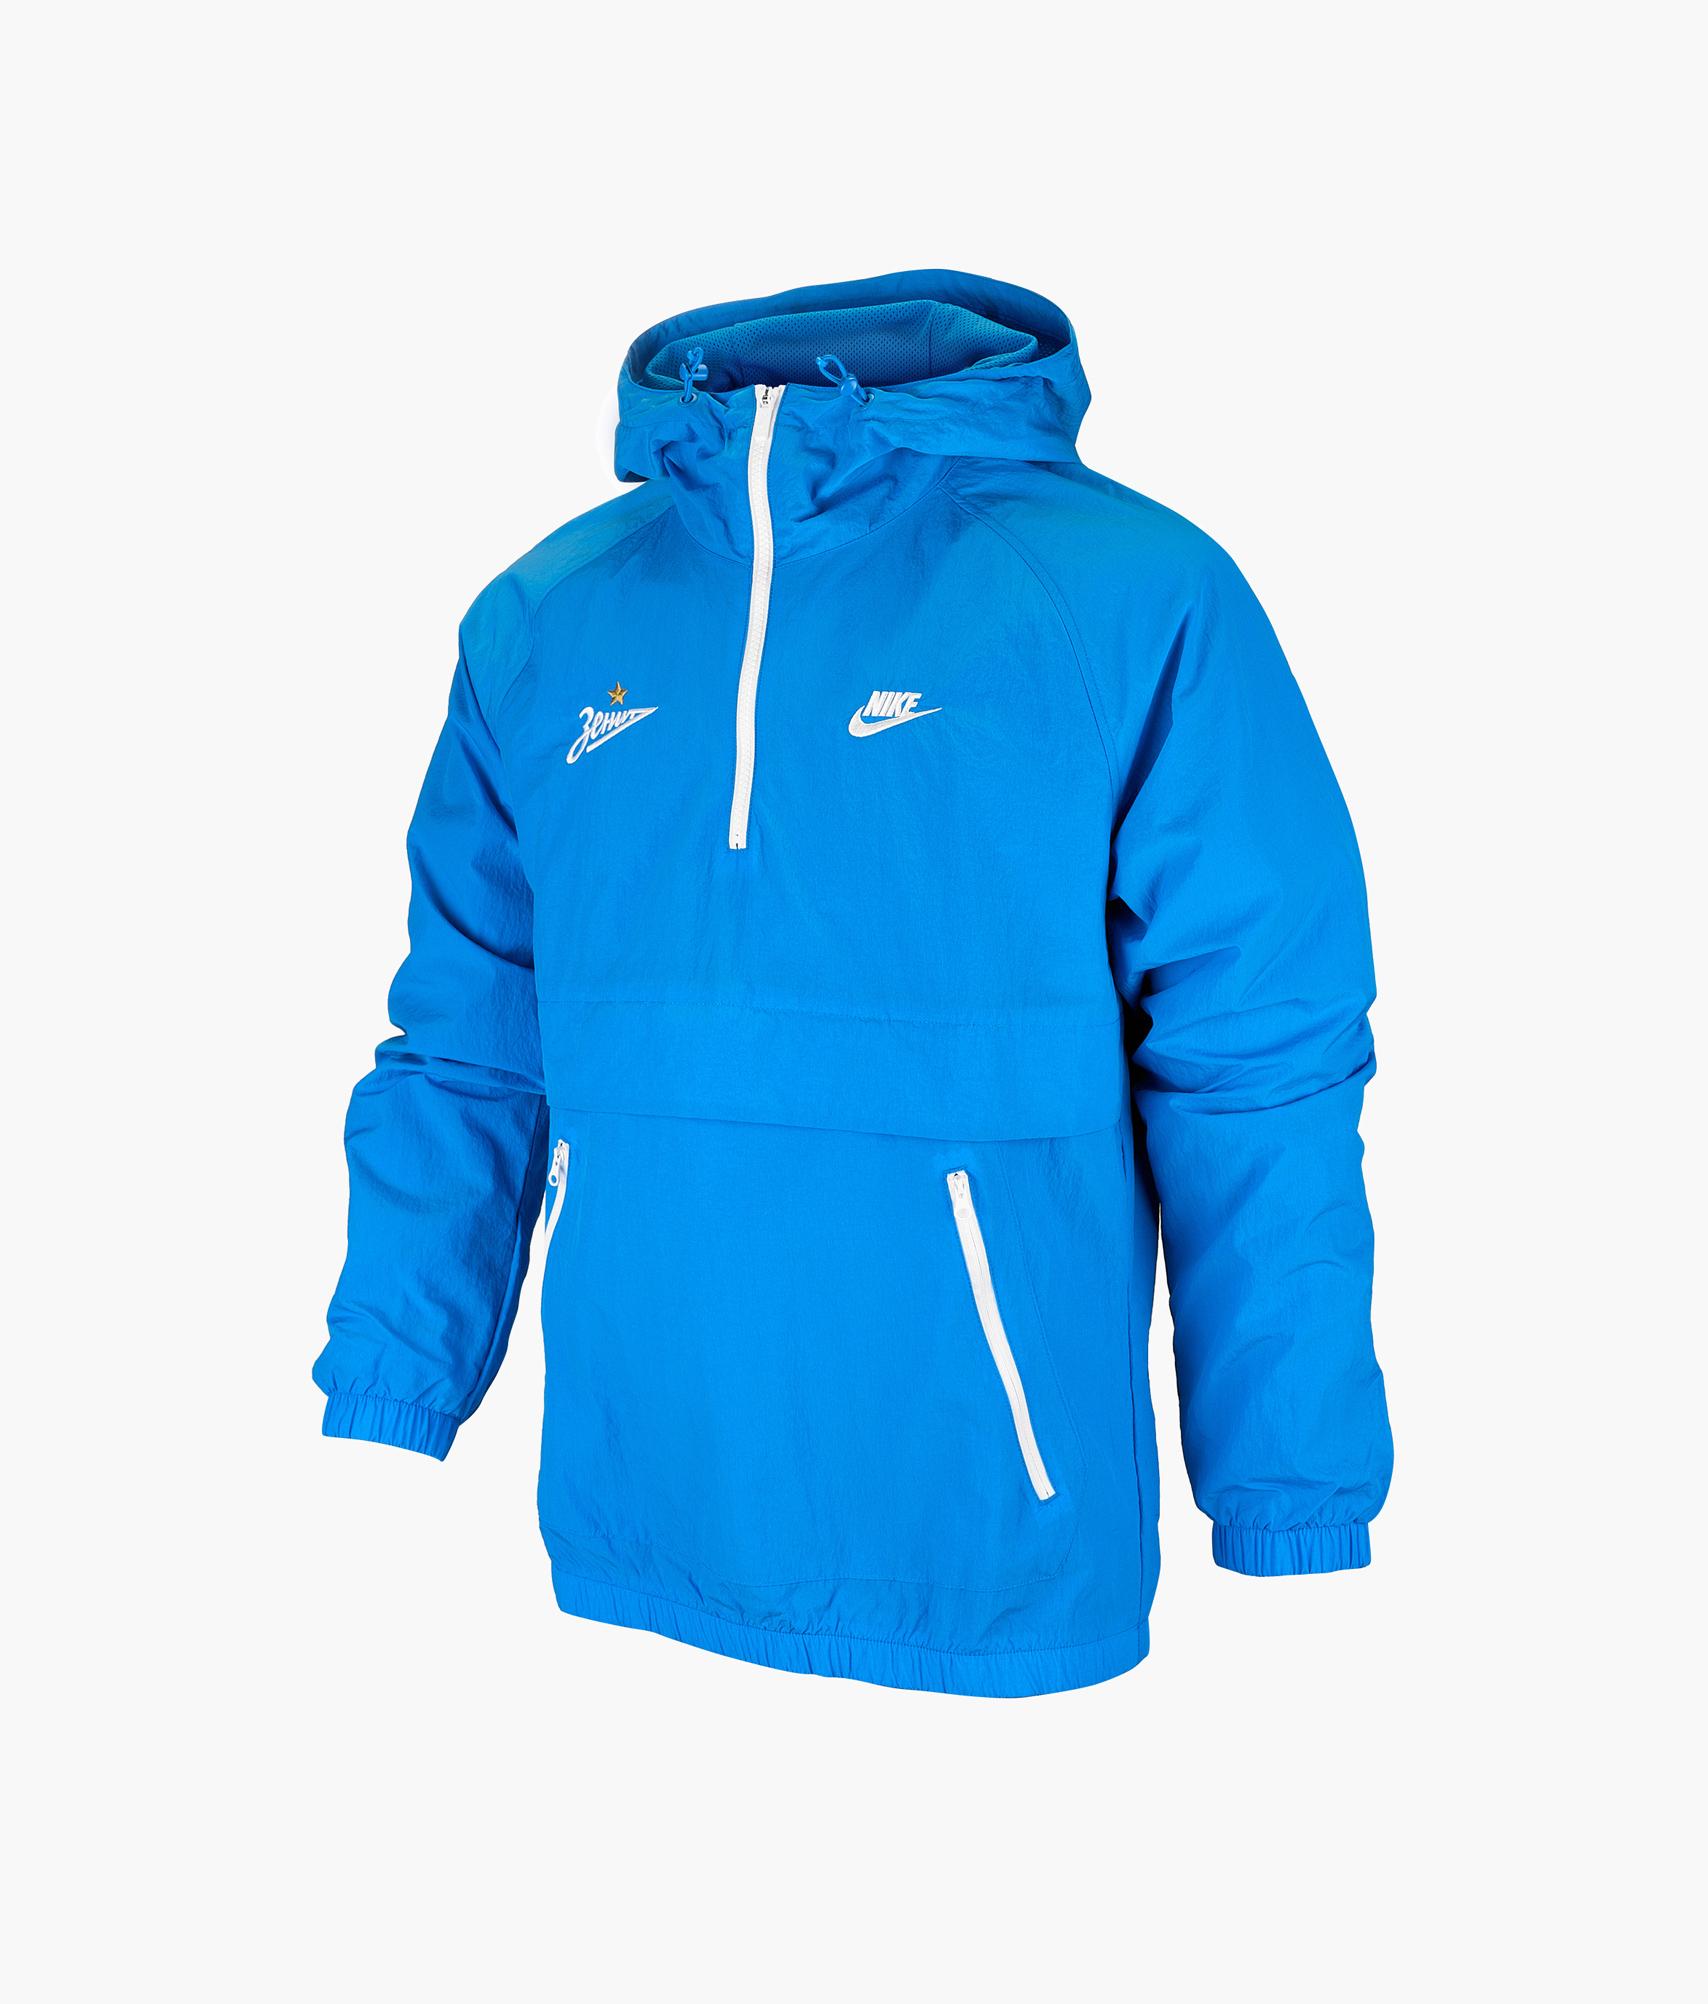 Ветровка Nike Nike Цвет-Синий сланцы nike nike ni464amfbf61